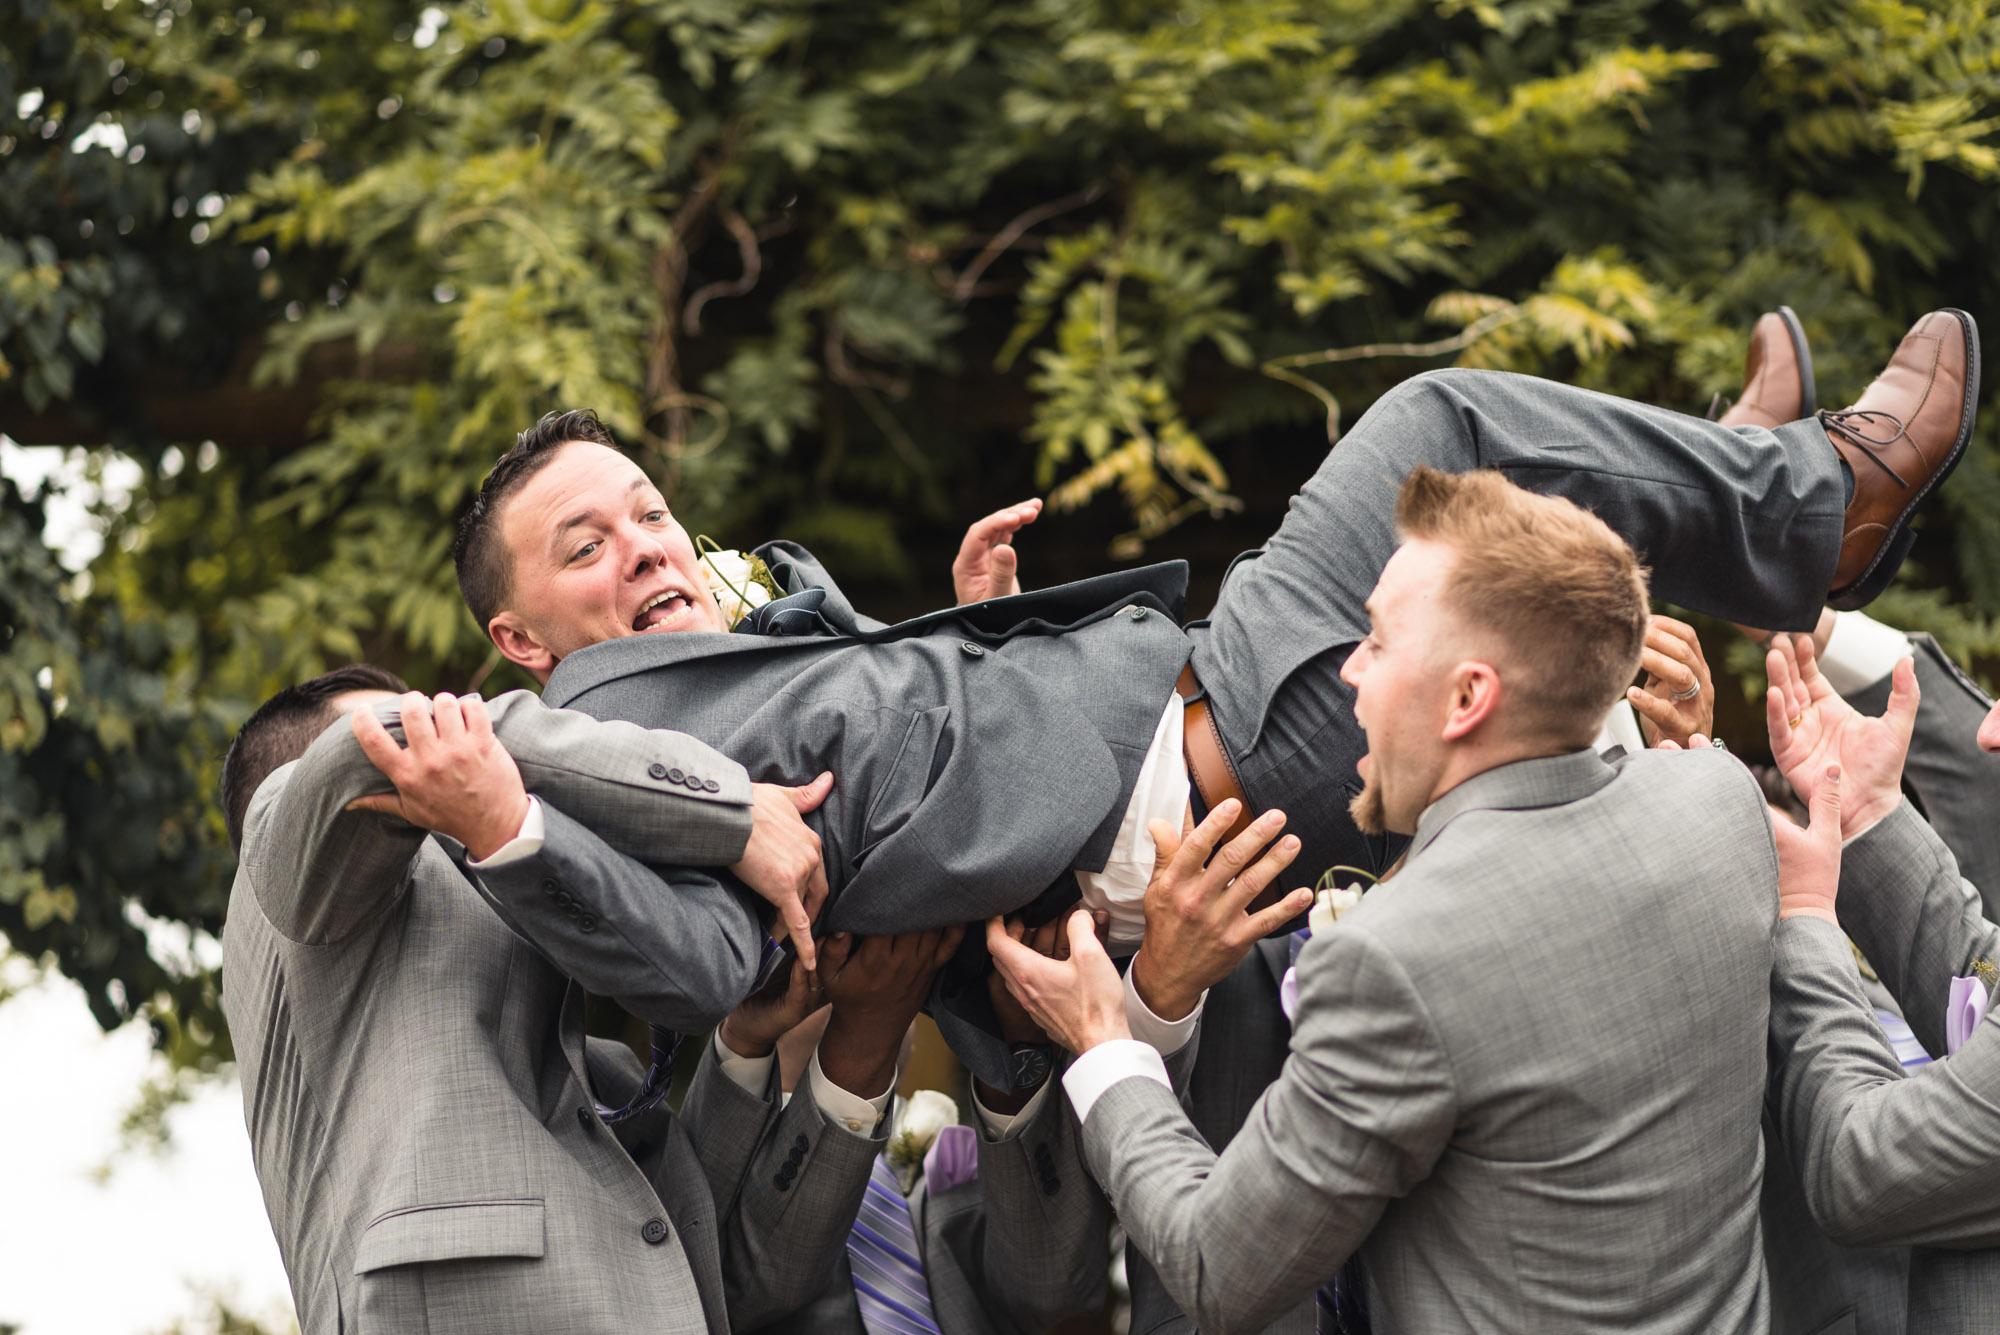 Groomsmen tossing Groom into air